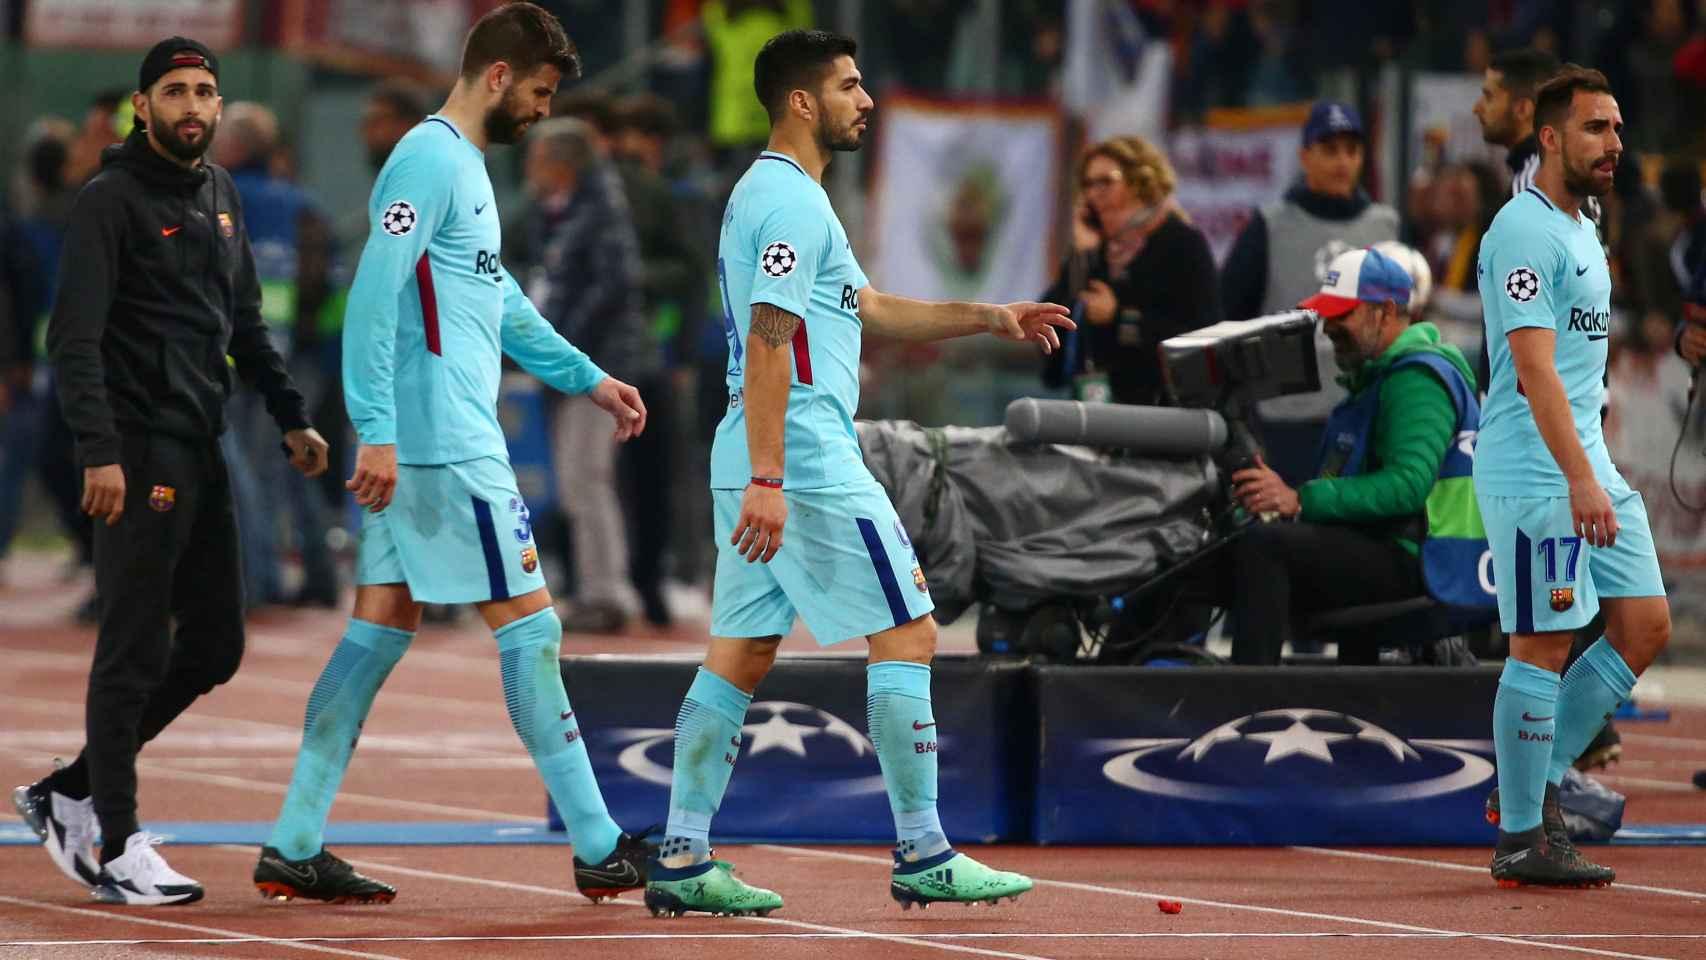 Piqué, Luis Suárez y Alcácer abandonan cabizbajos el estadio.